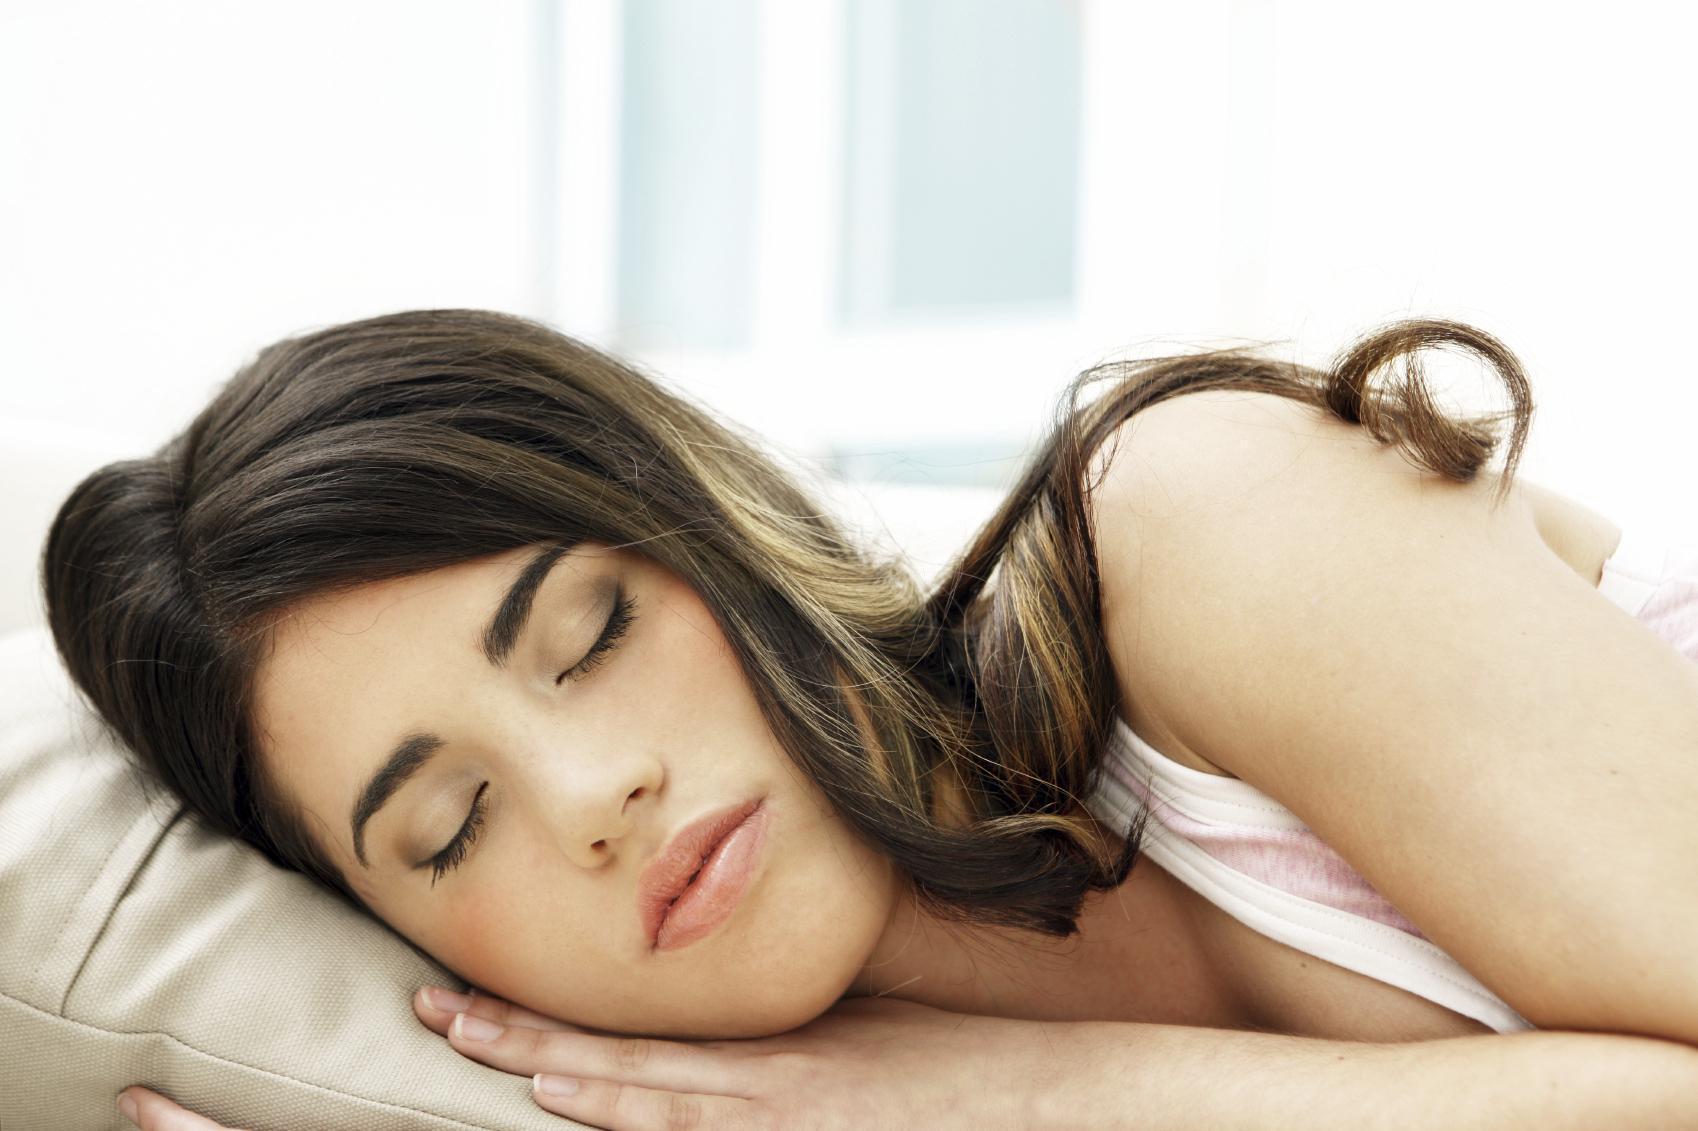 O Sono Alivia a Dor e Lembranças Traumáticas